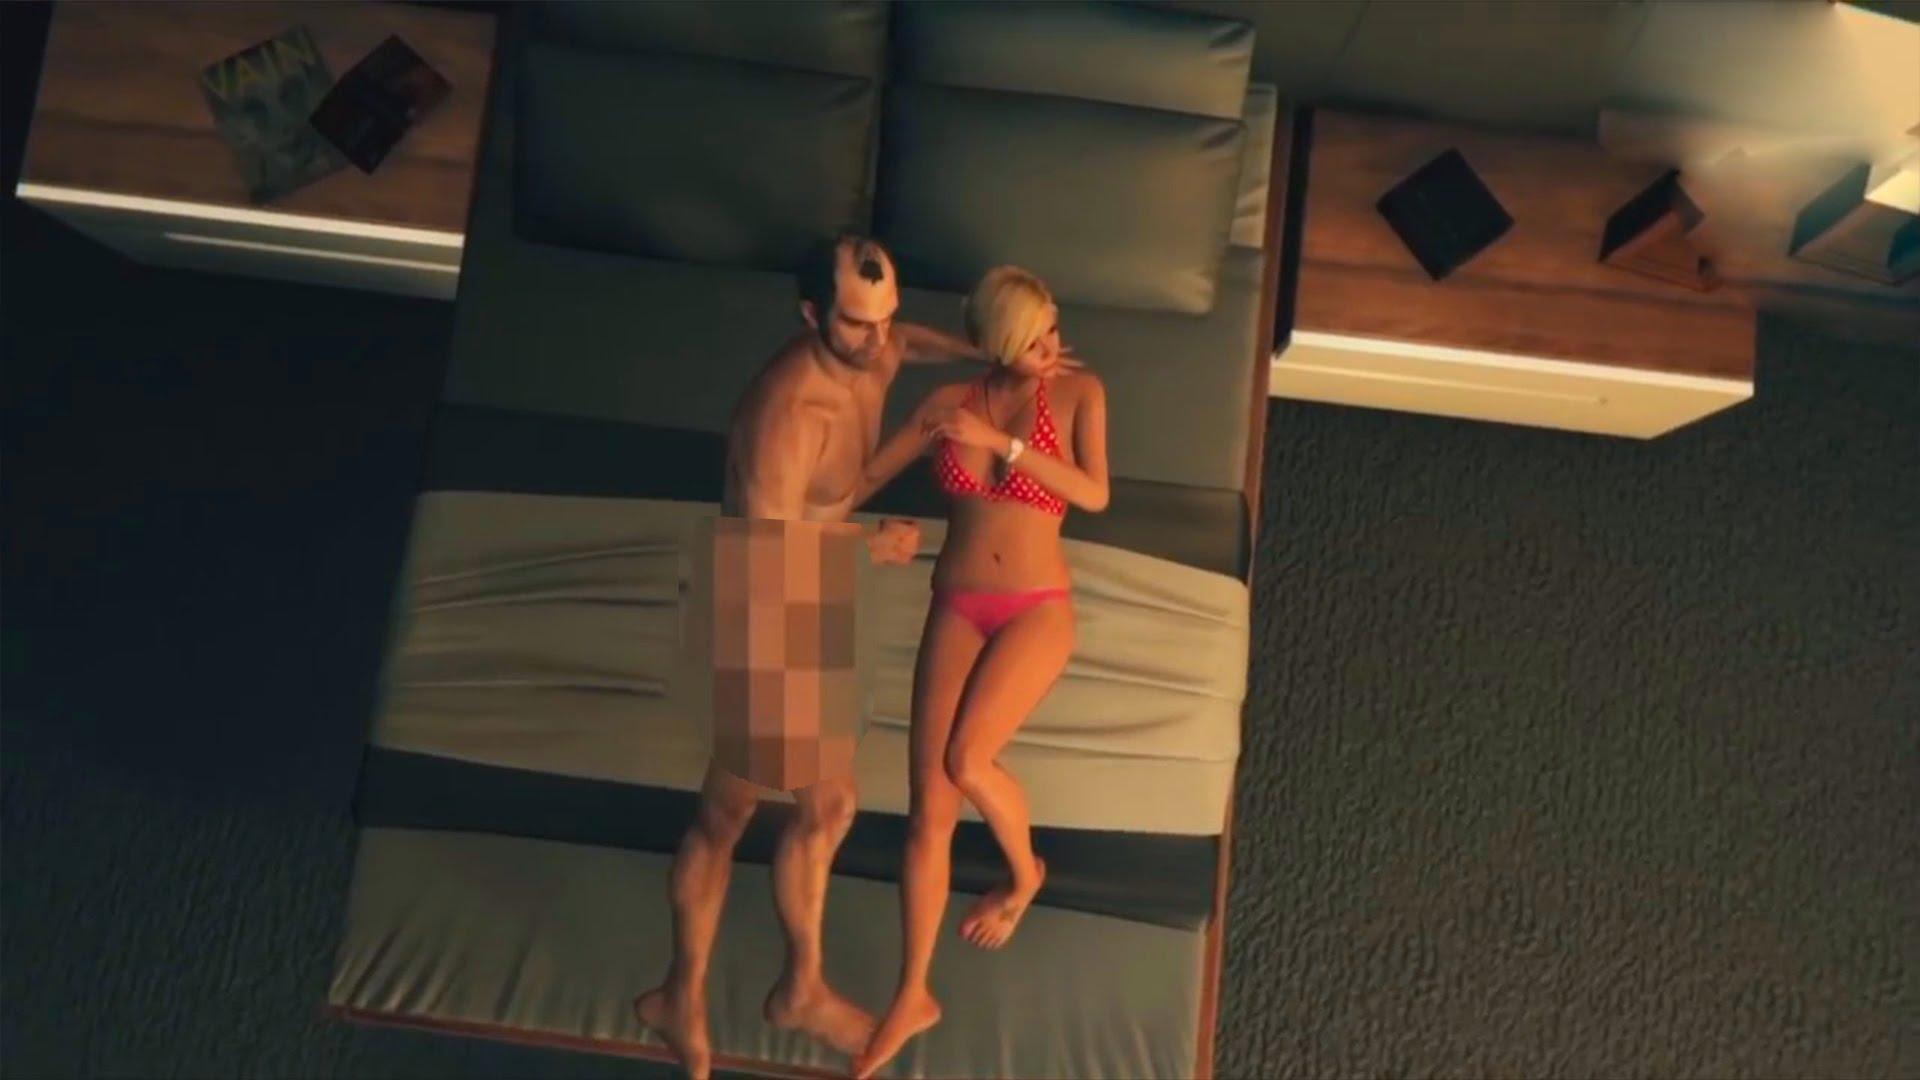 Смотреть видео секса в гта 5